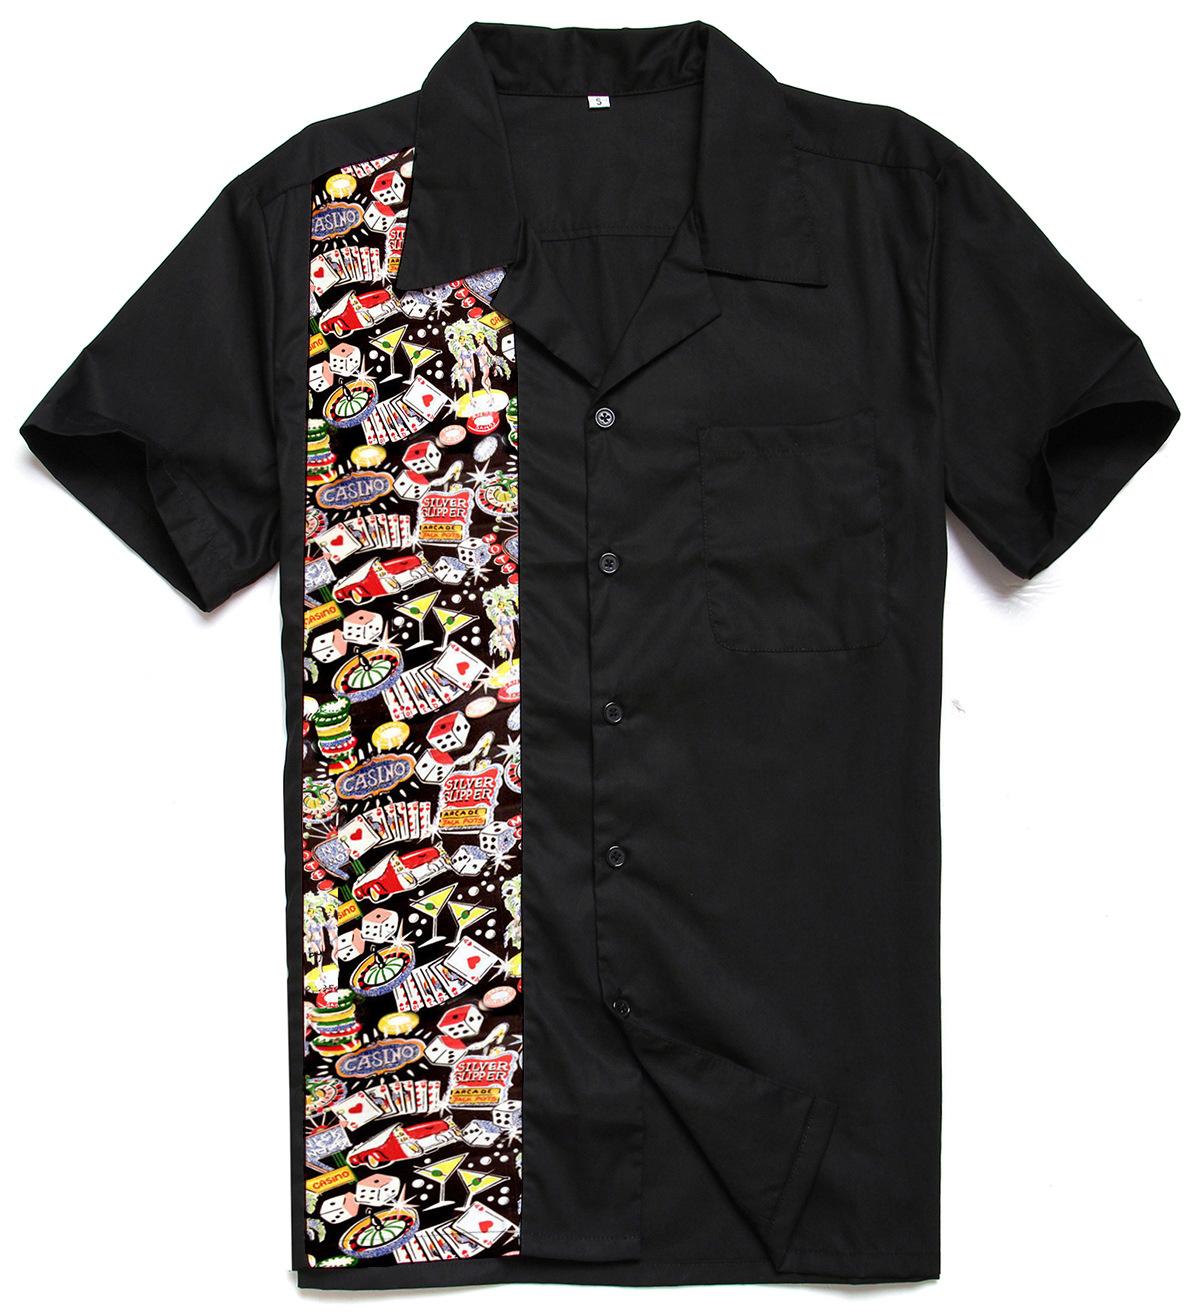 the new rackabilly short-sleeve shirt for Men #94955